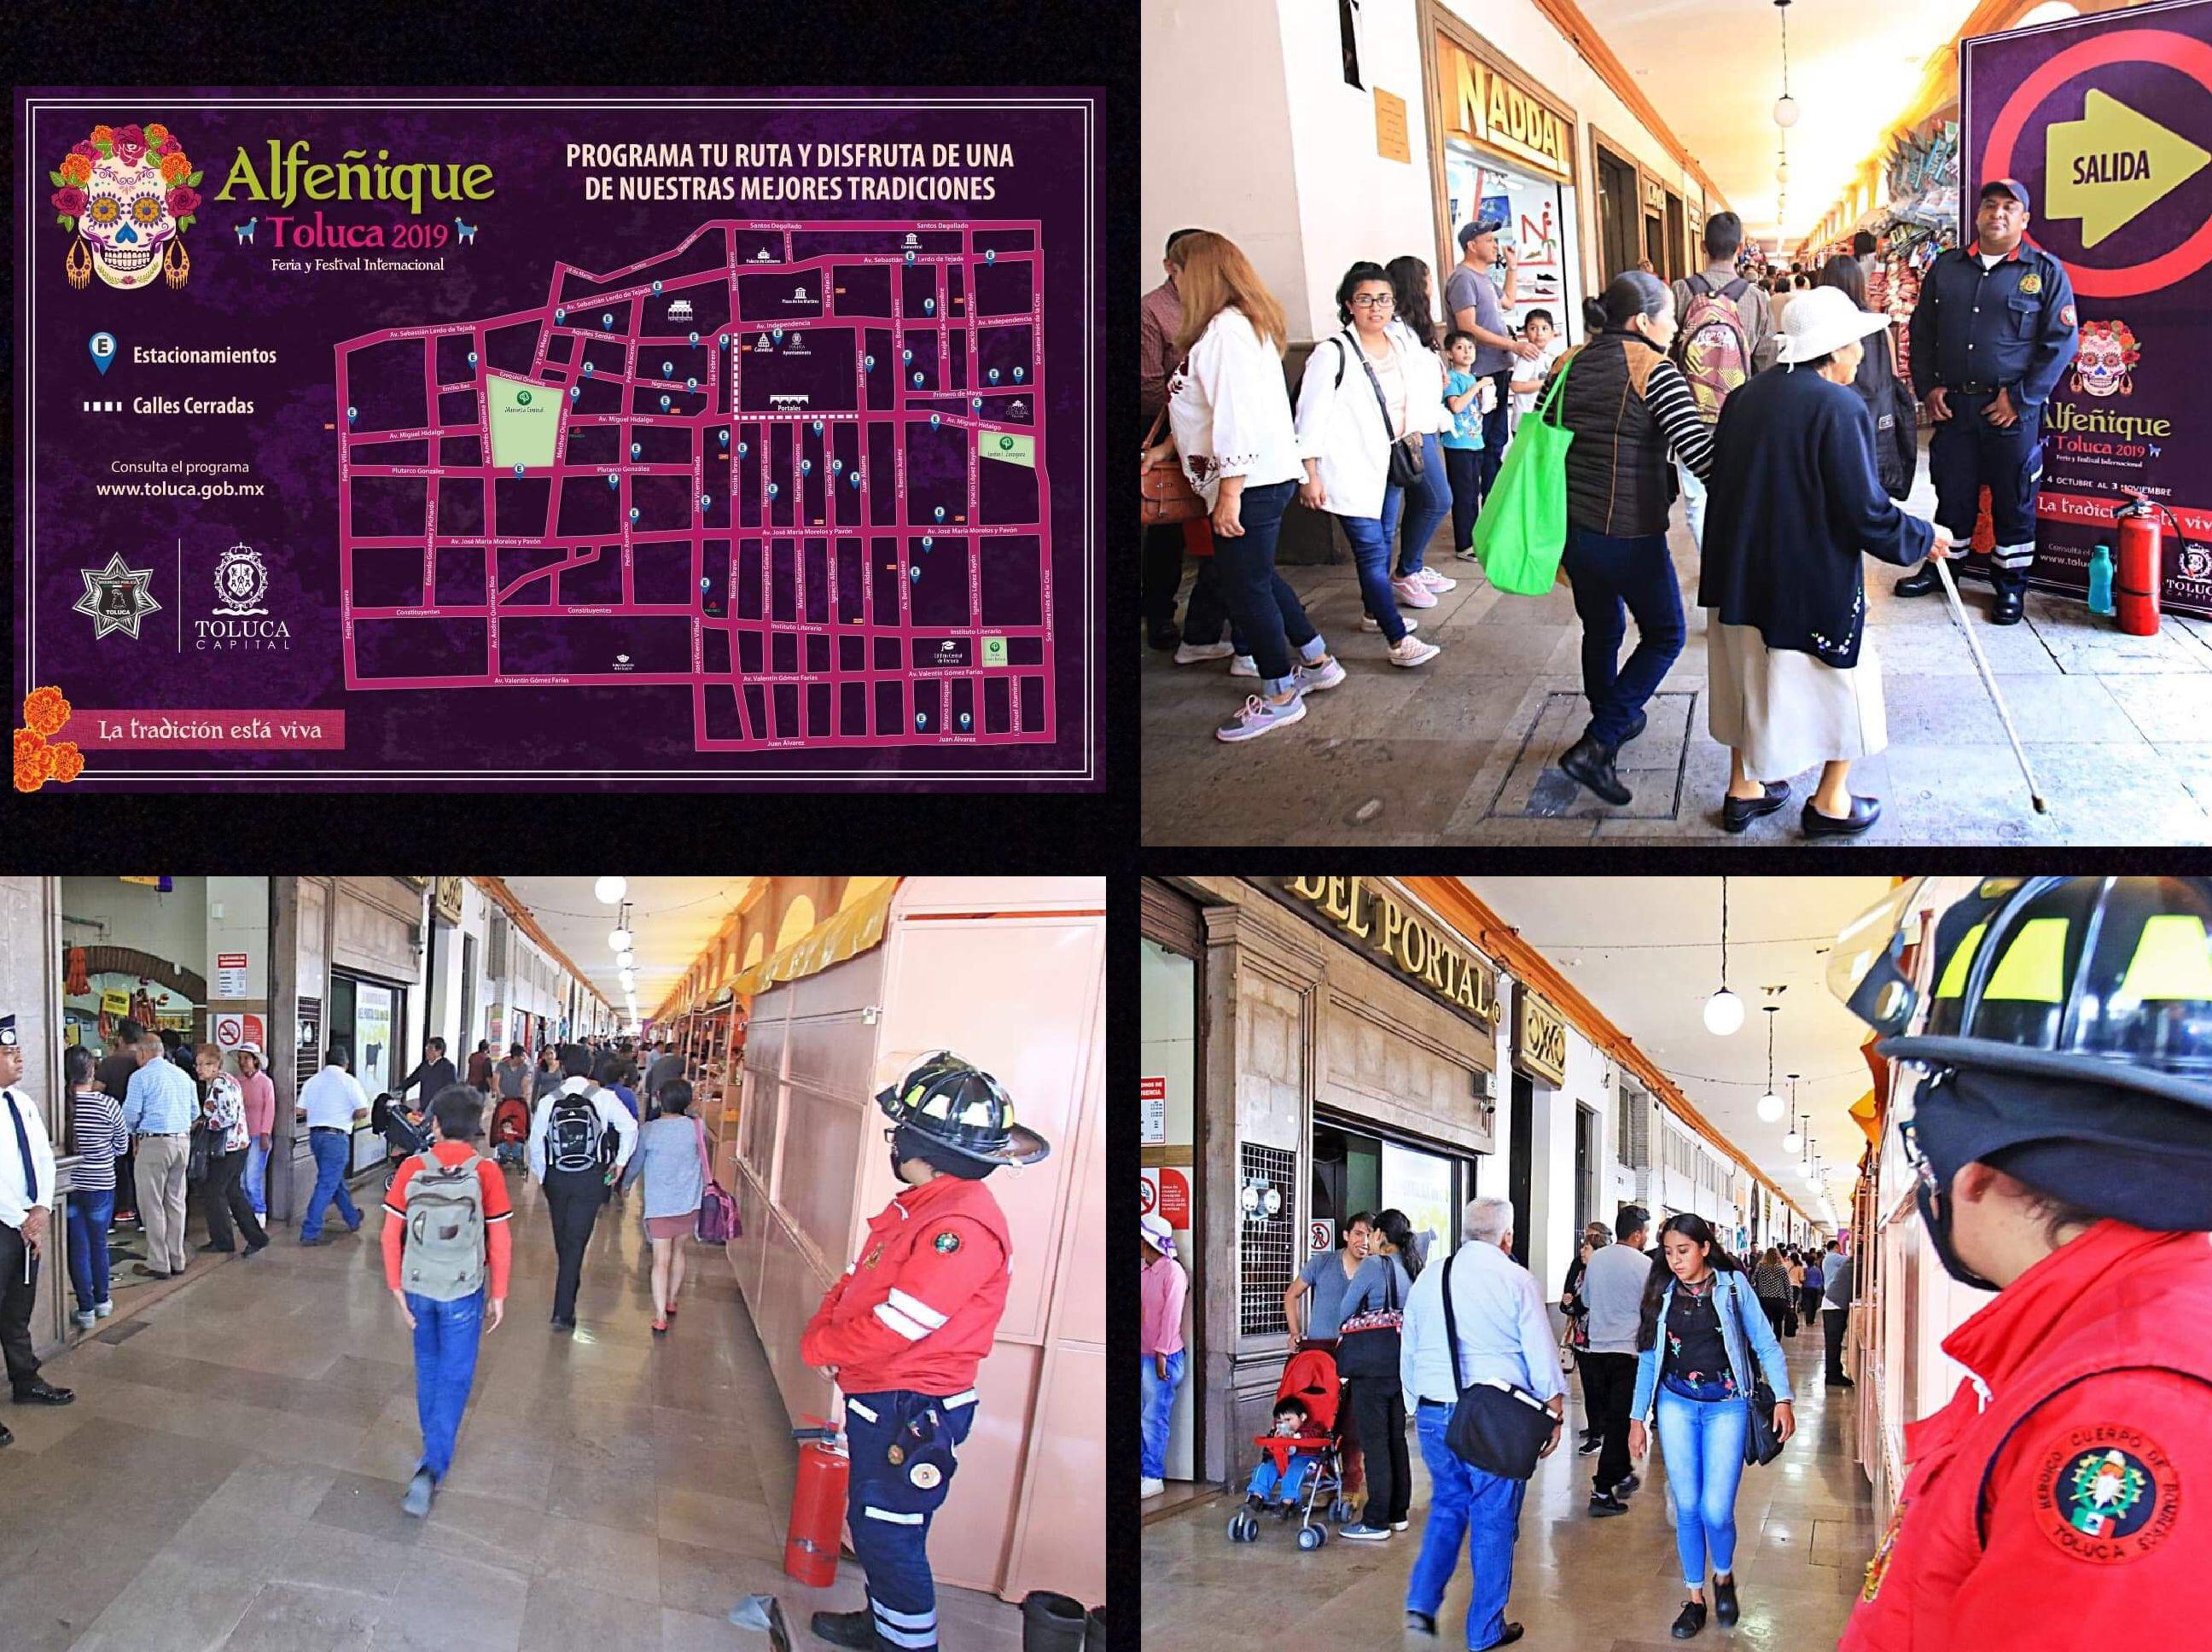 Feria del Alfeñique sin plástico y con señaletica en Toluca